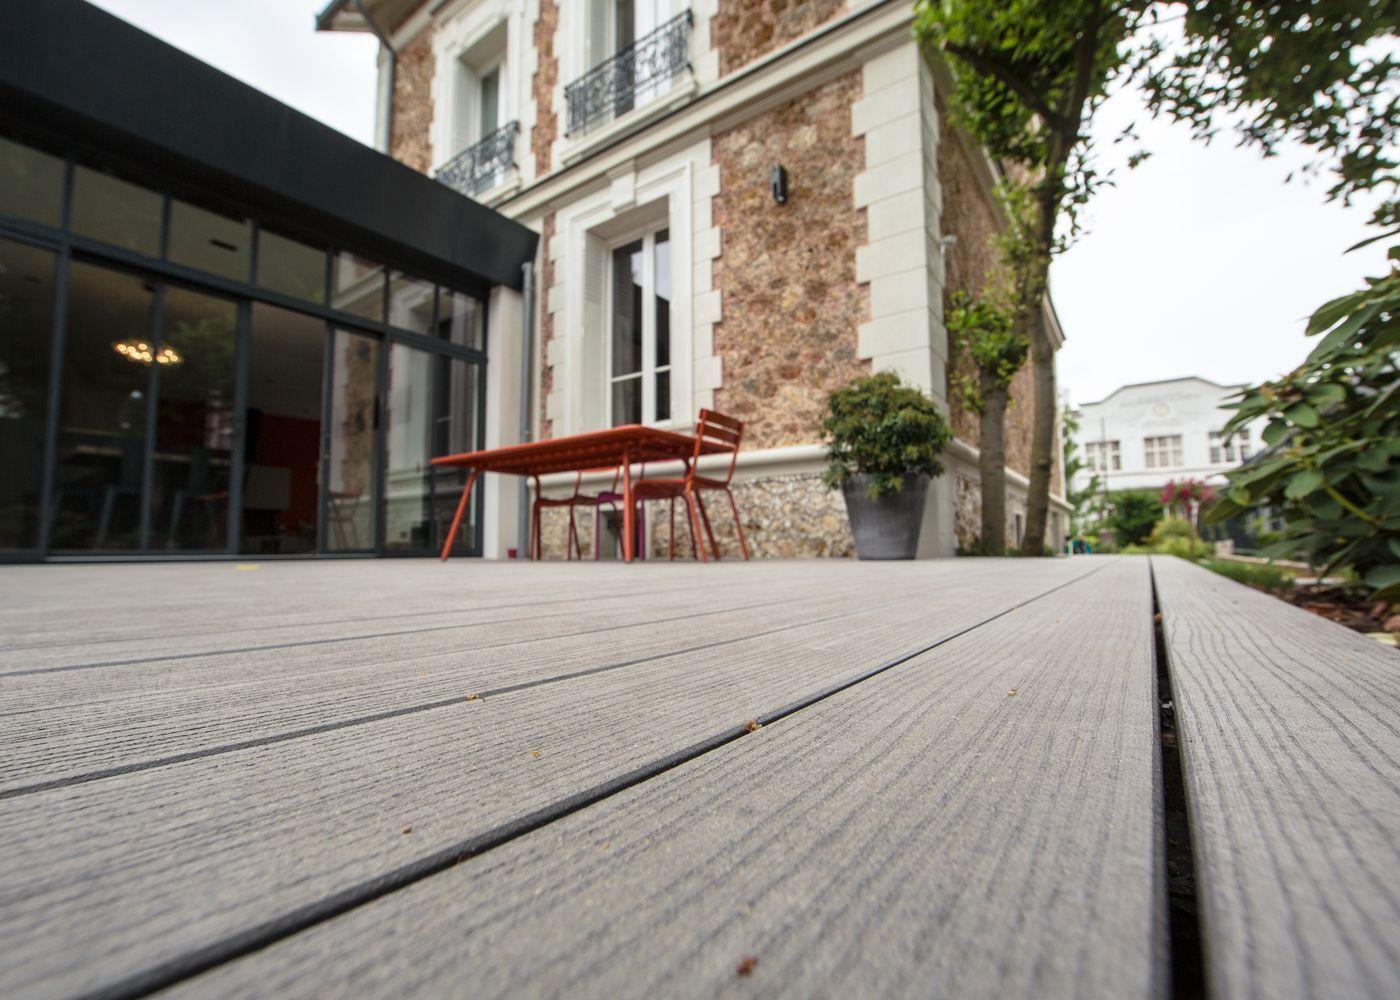 terrasse en bois composite en r gion parisienne par la parqueterie nouvelle terrasse bois. Black Bedroom Furniture Sets. Home Design Ideas